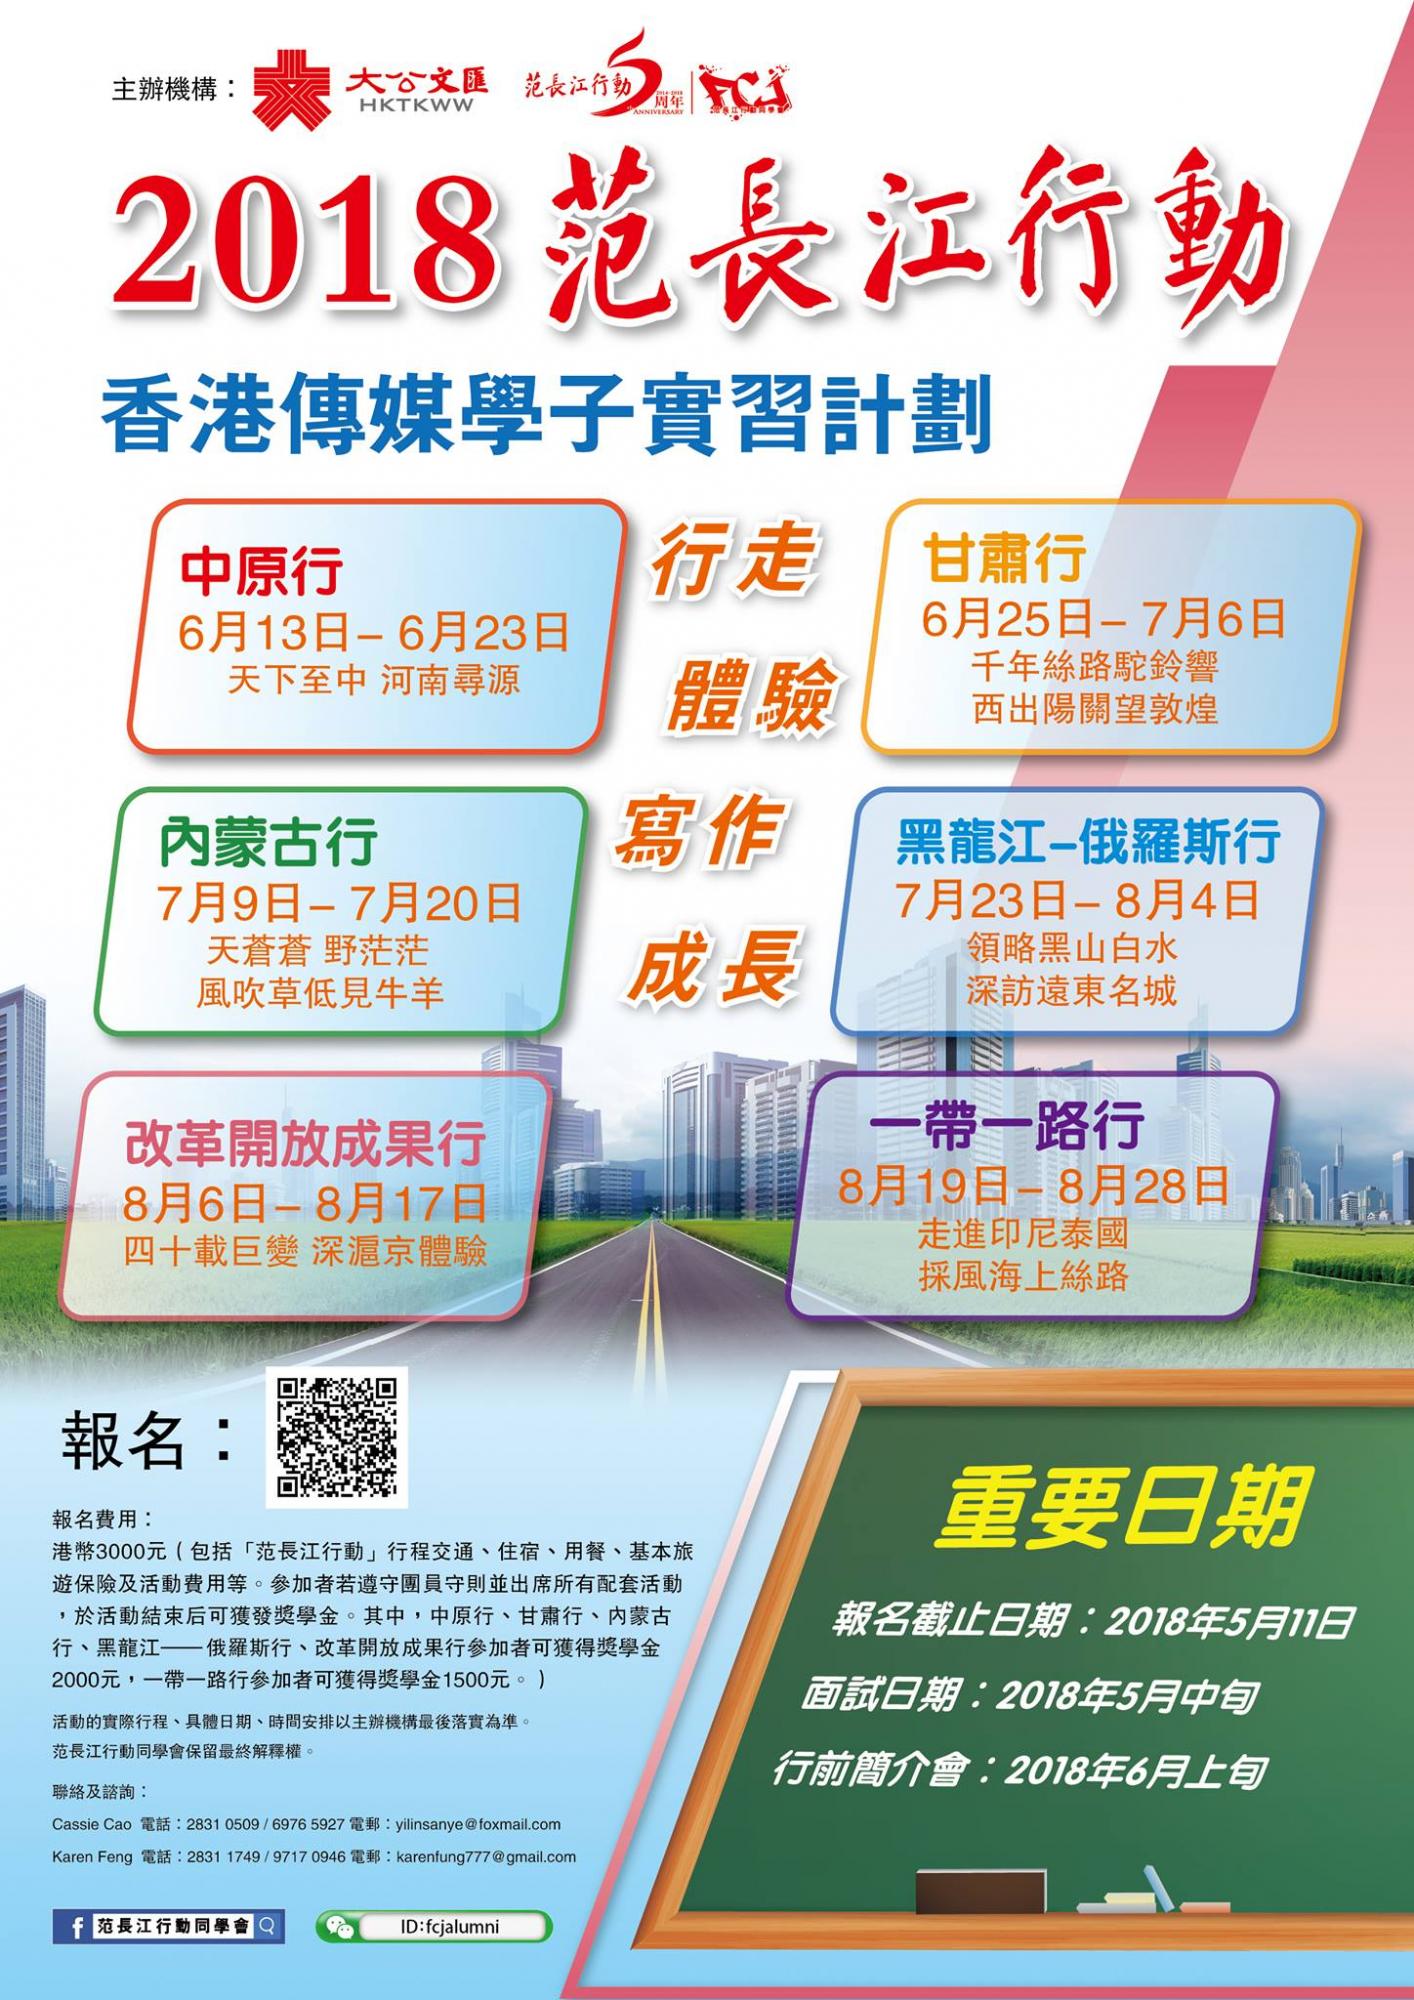 「2018范长江行动」香港传媒学子实习计划